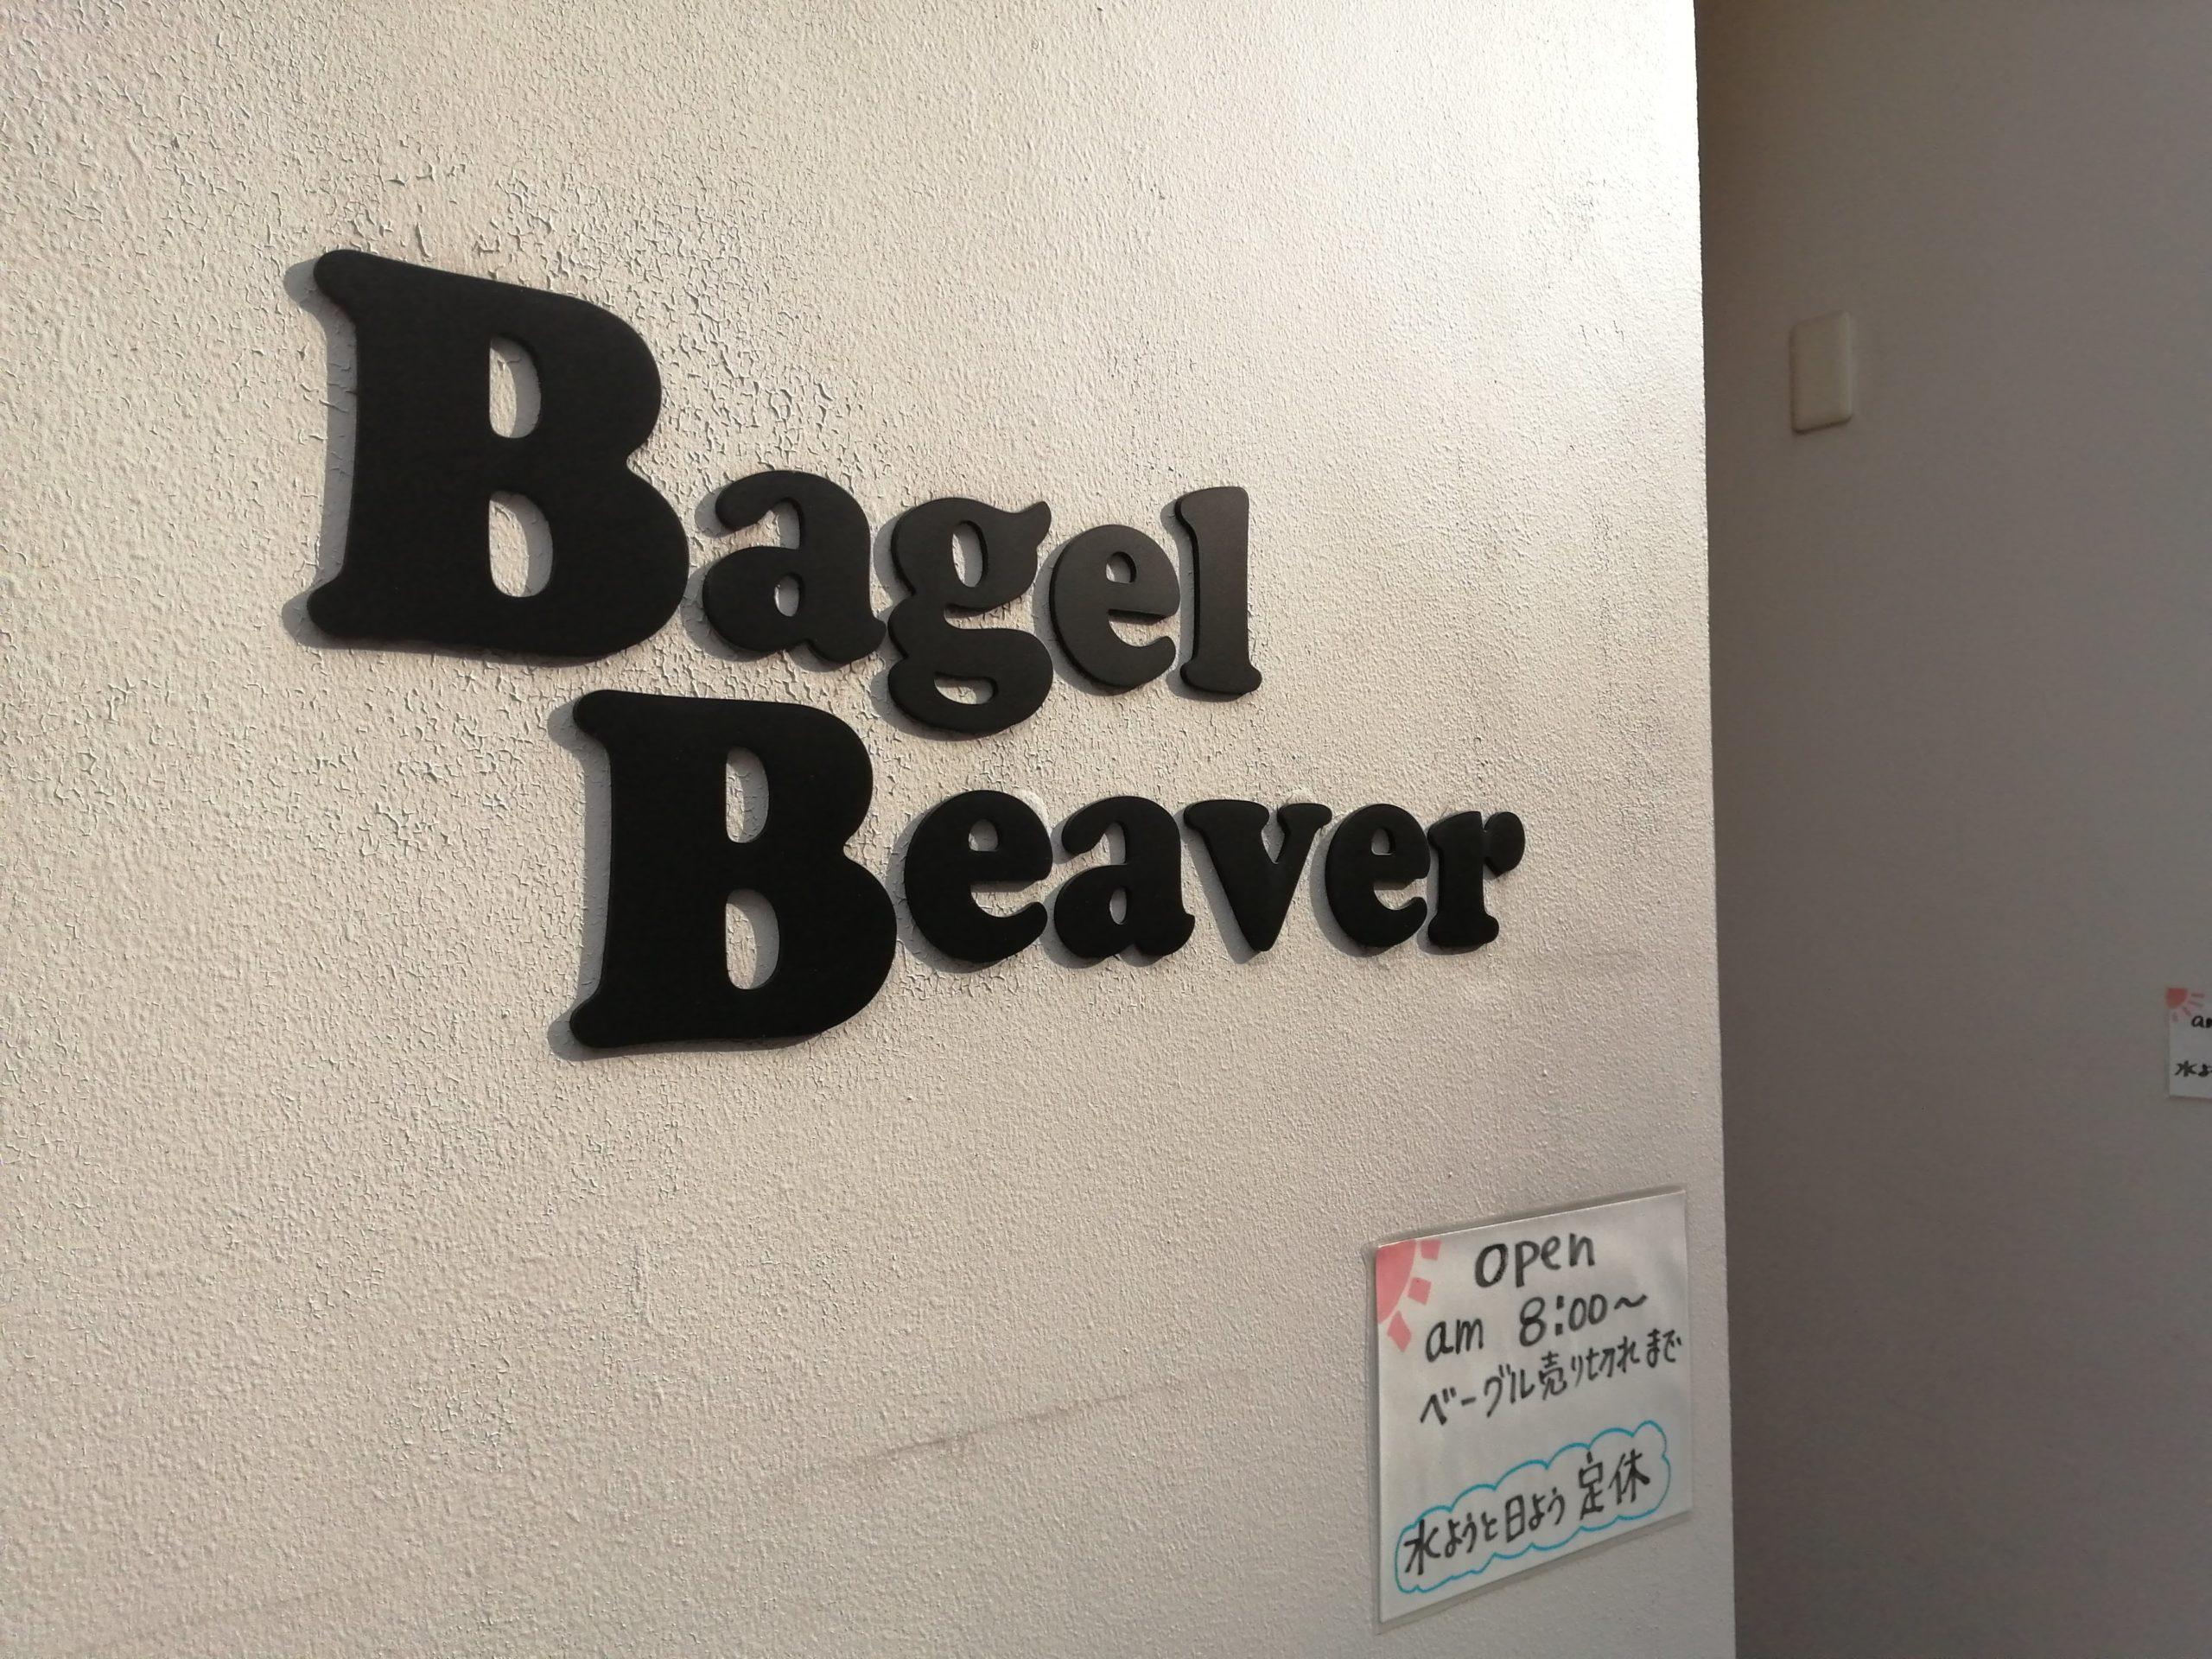 本郷三丁目「Bagel Beaver」へ行ってきました。